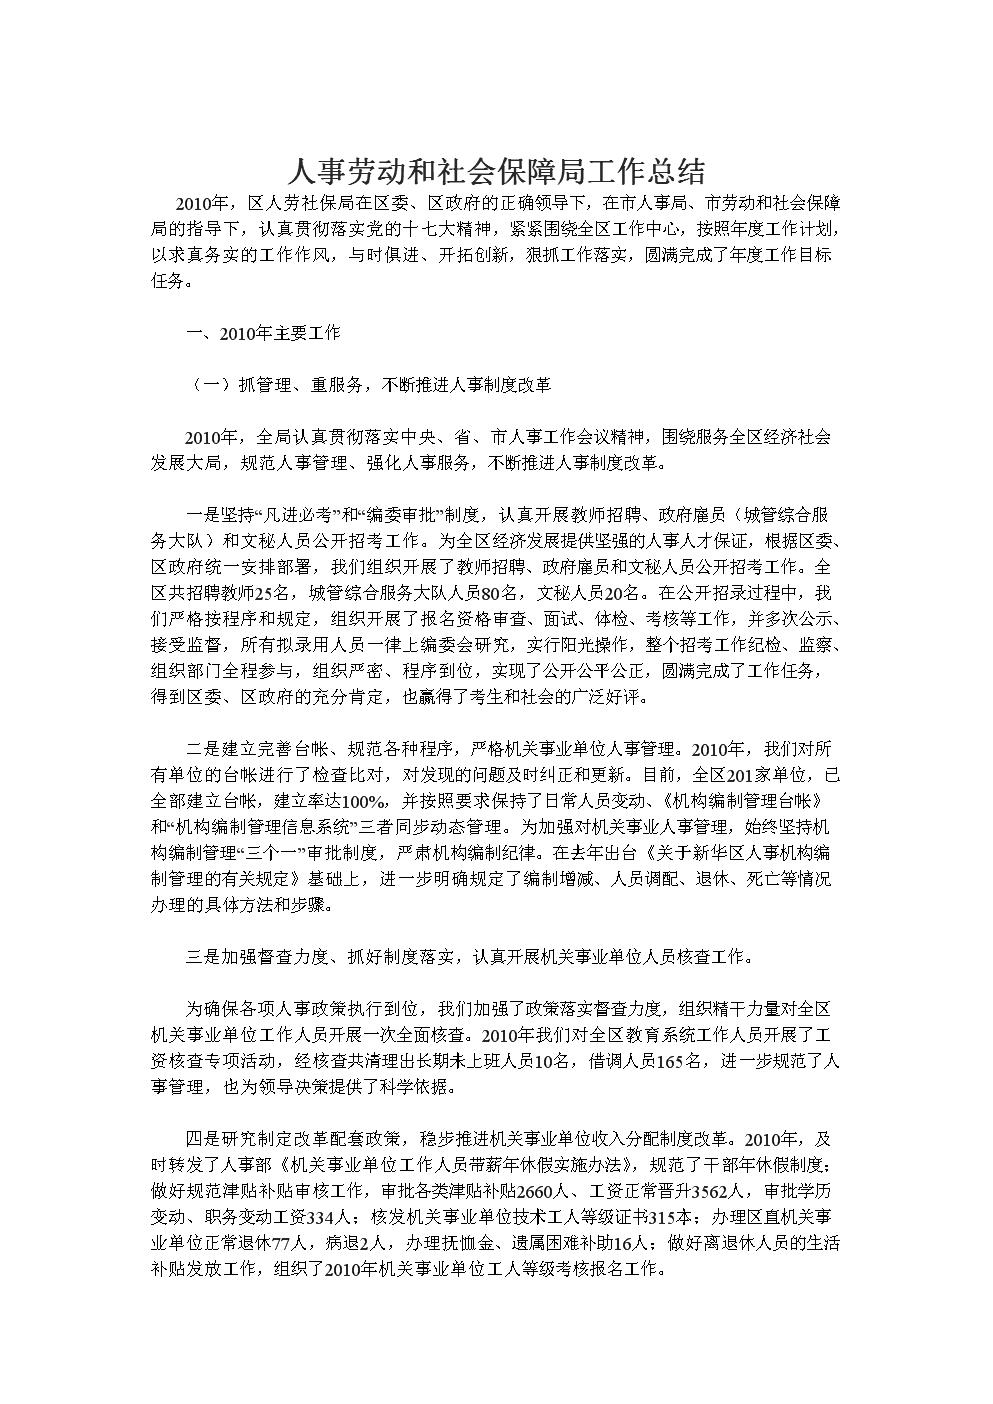 人事劳动和社会保障局工作总结报告.doc